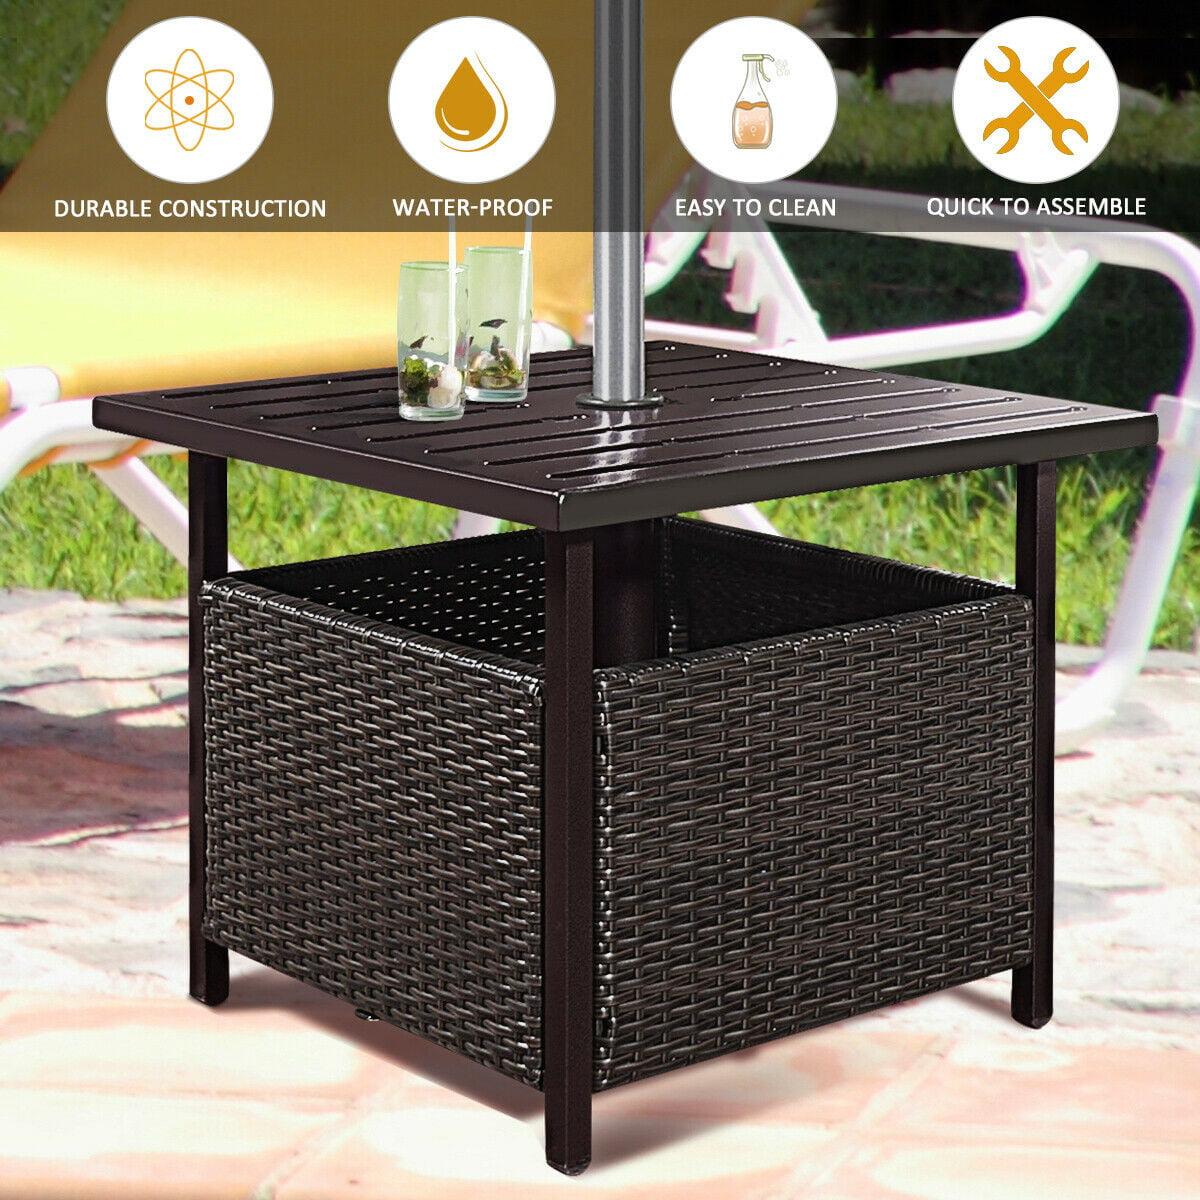 Gentil Costway Brown Rattan Wicker Steel Side Table Outdoor Furniture Deck Garden  Patio Pool